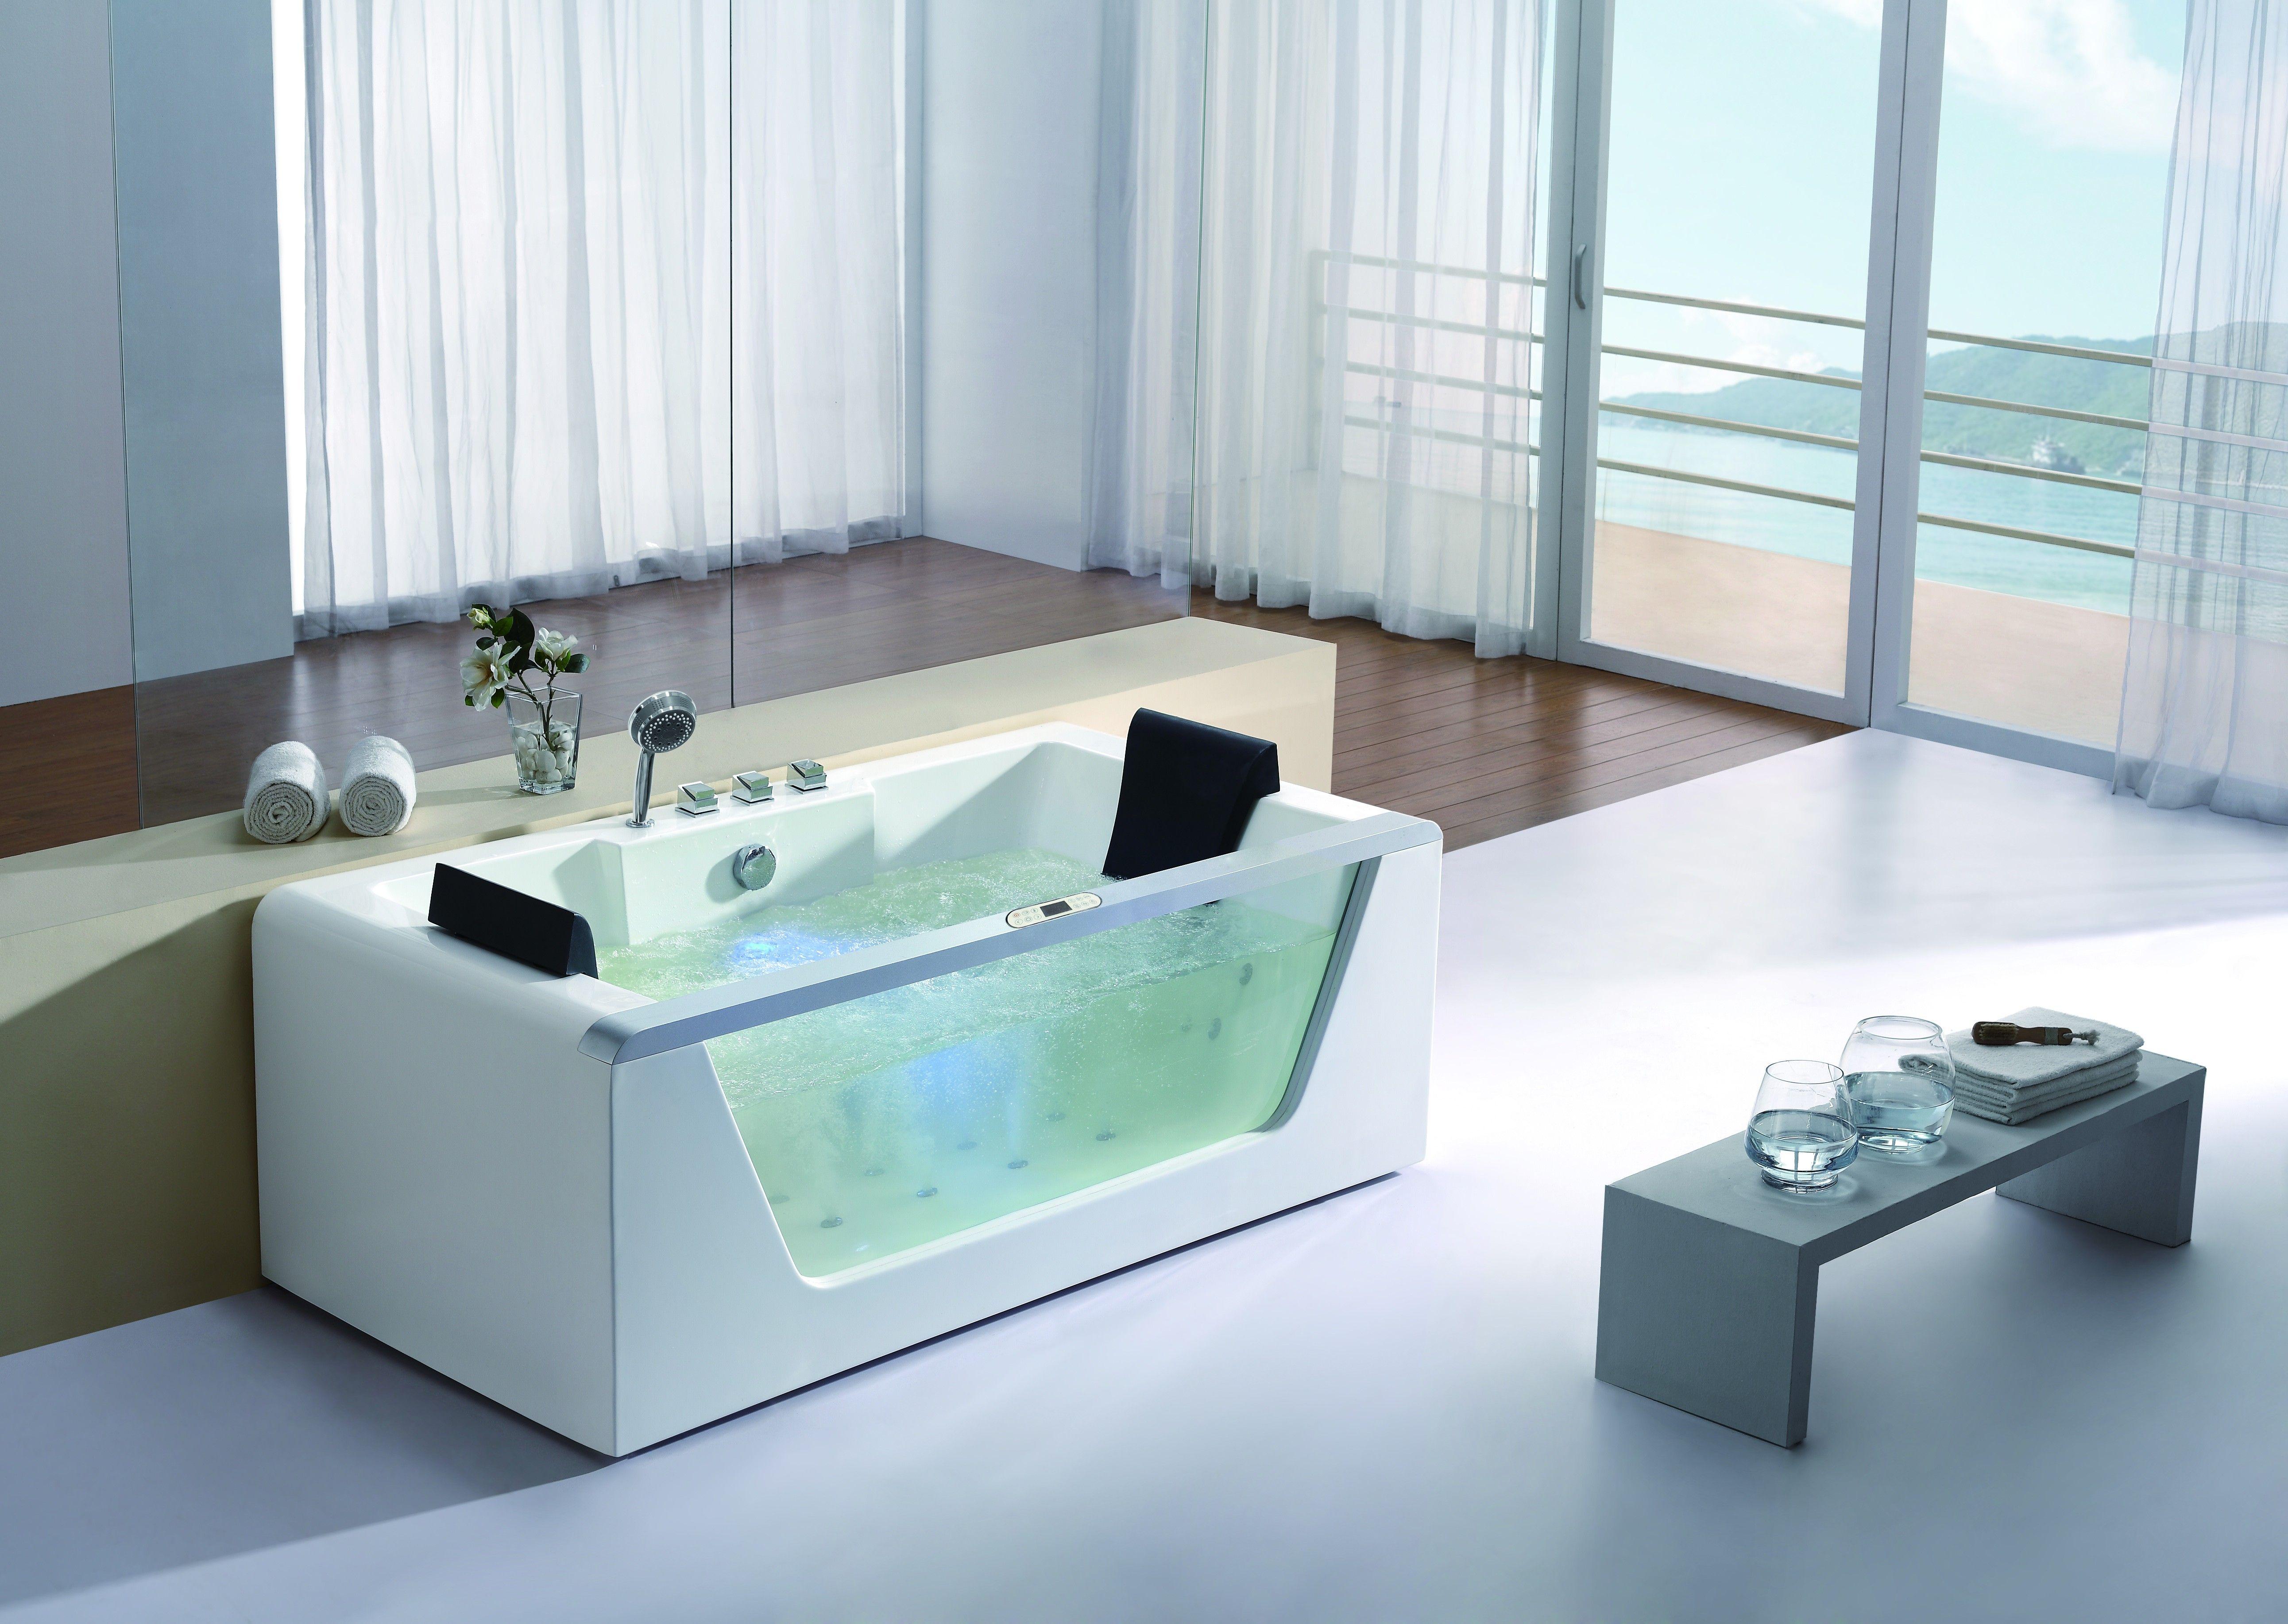 Eago Am196ho 6 Clear Rectangular Whirlpool Bath Tub With Inline